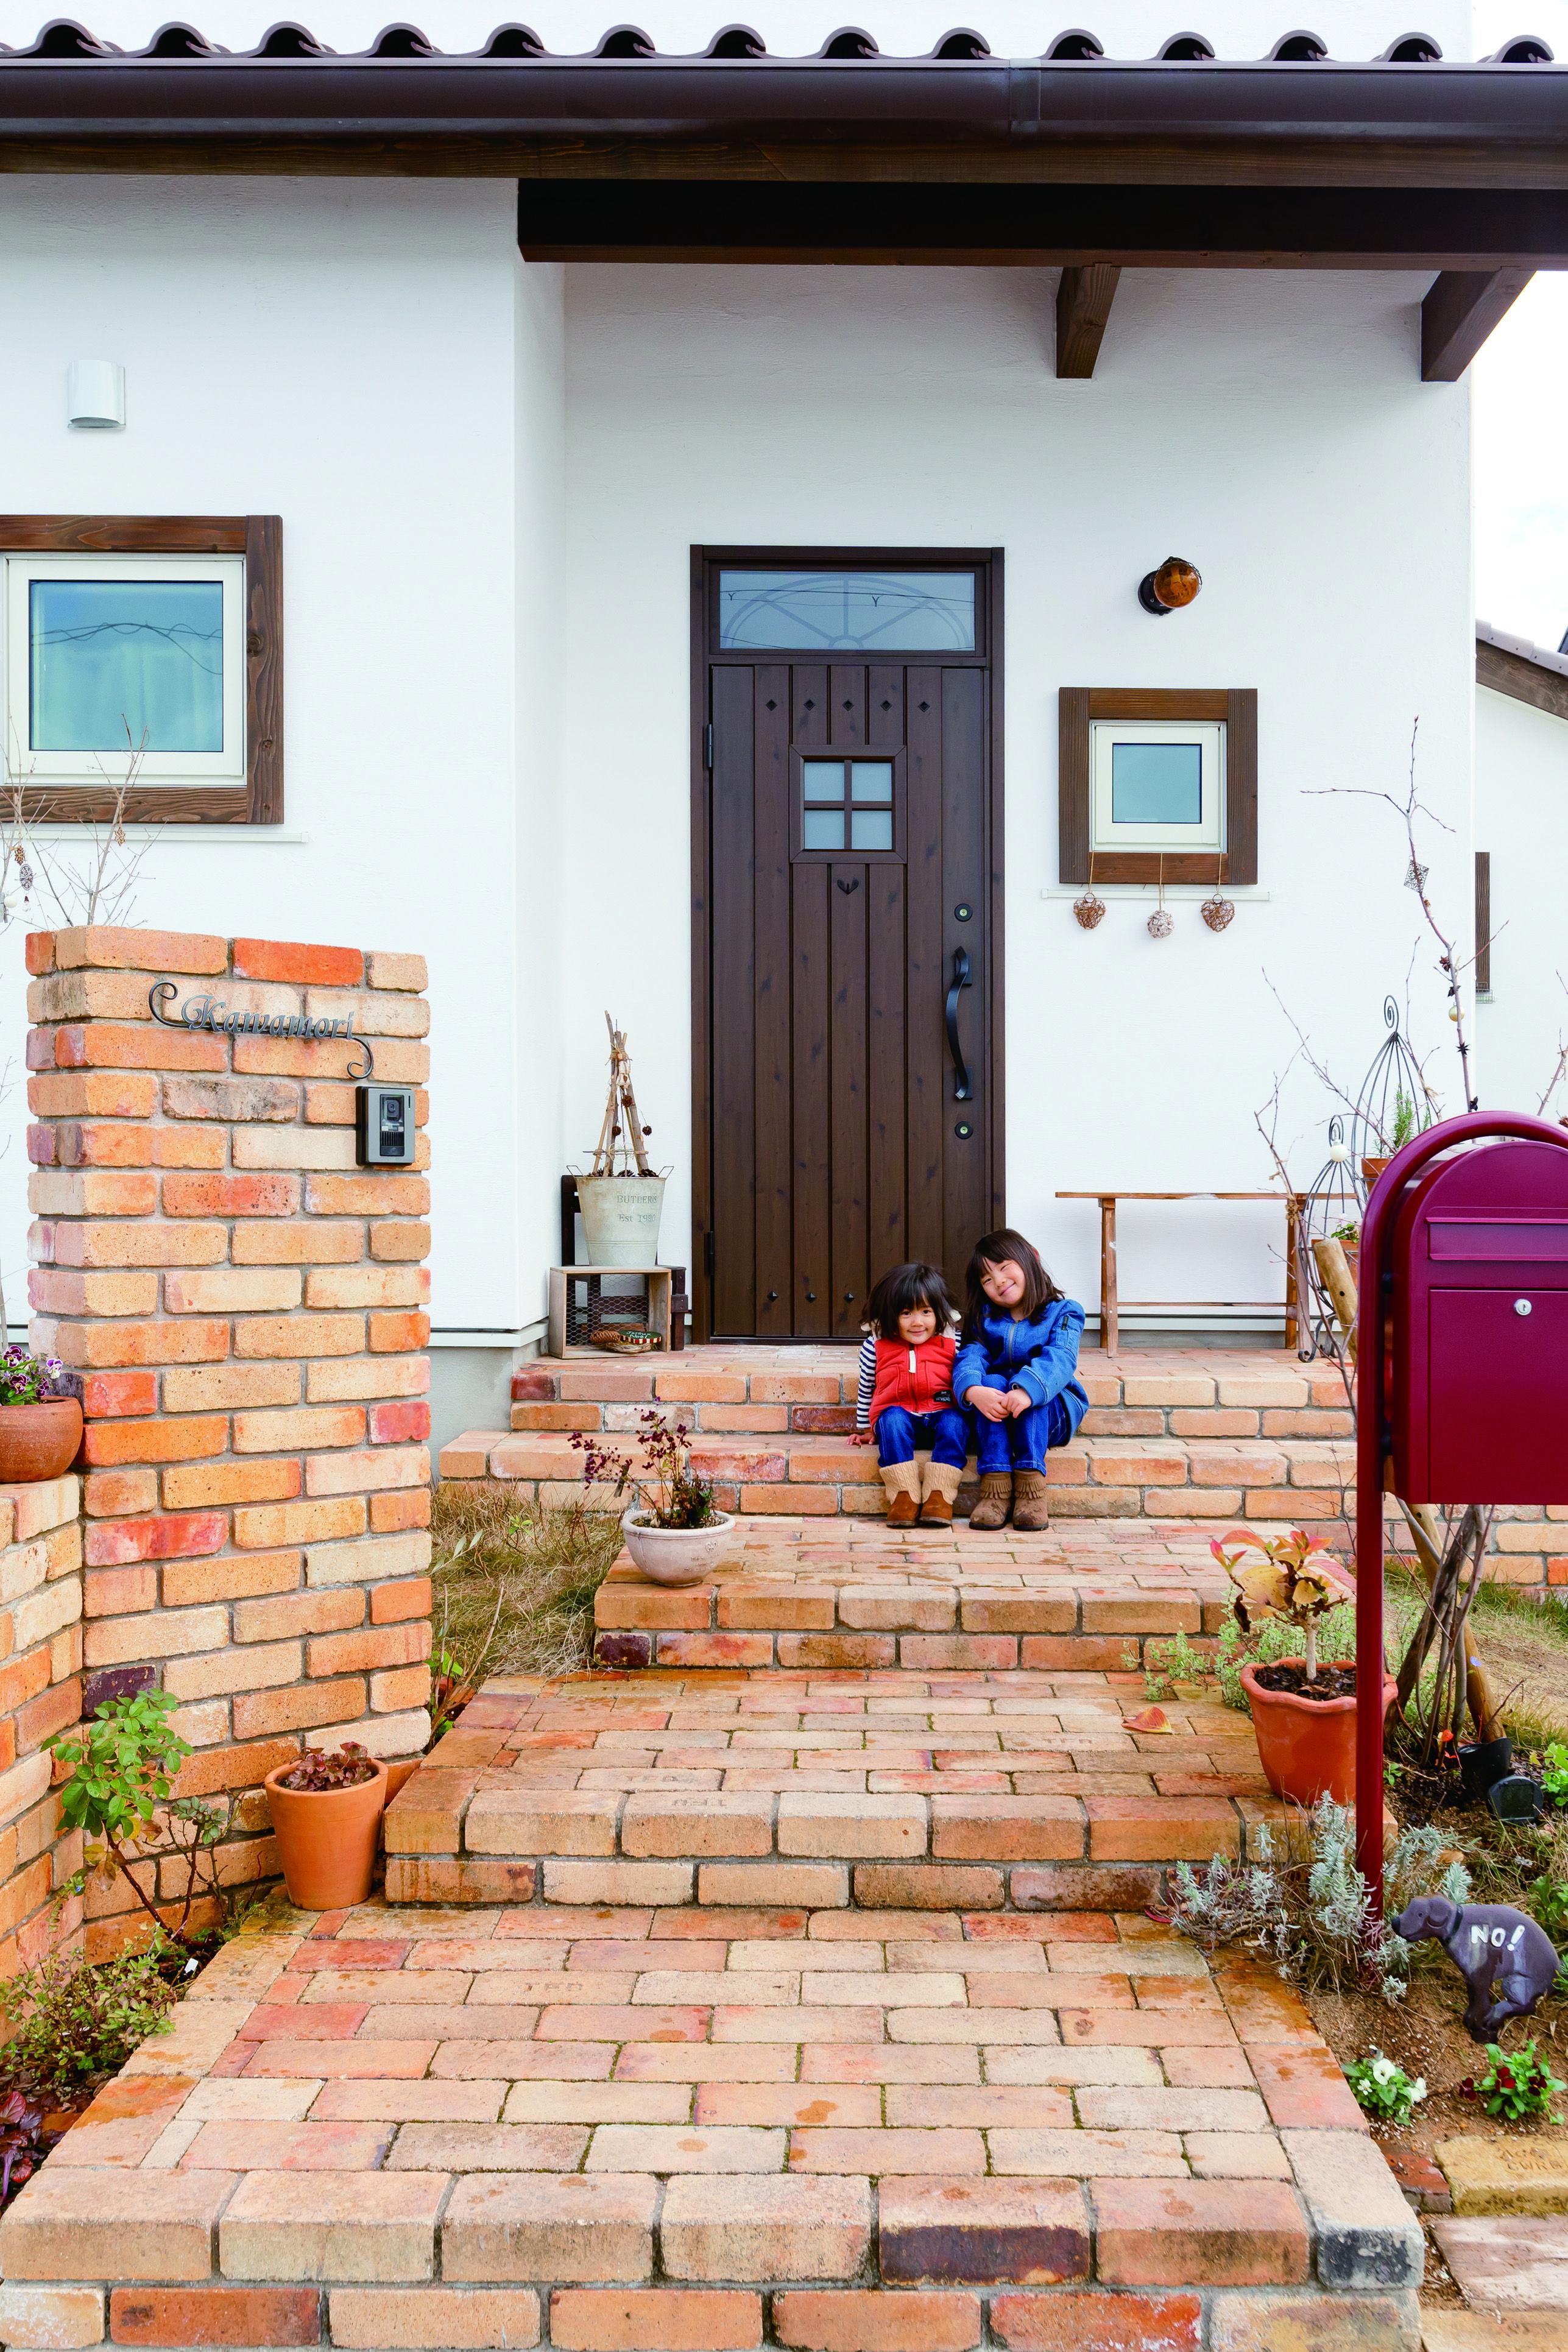 ケース80 スペイン風の家 玄関 レンガ 玄関アプローチ レンガ